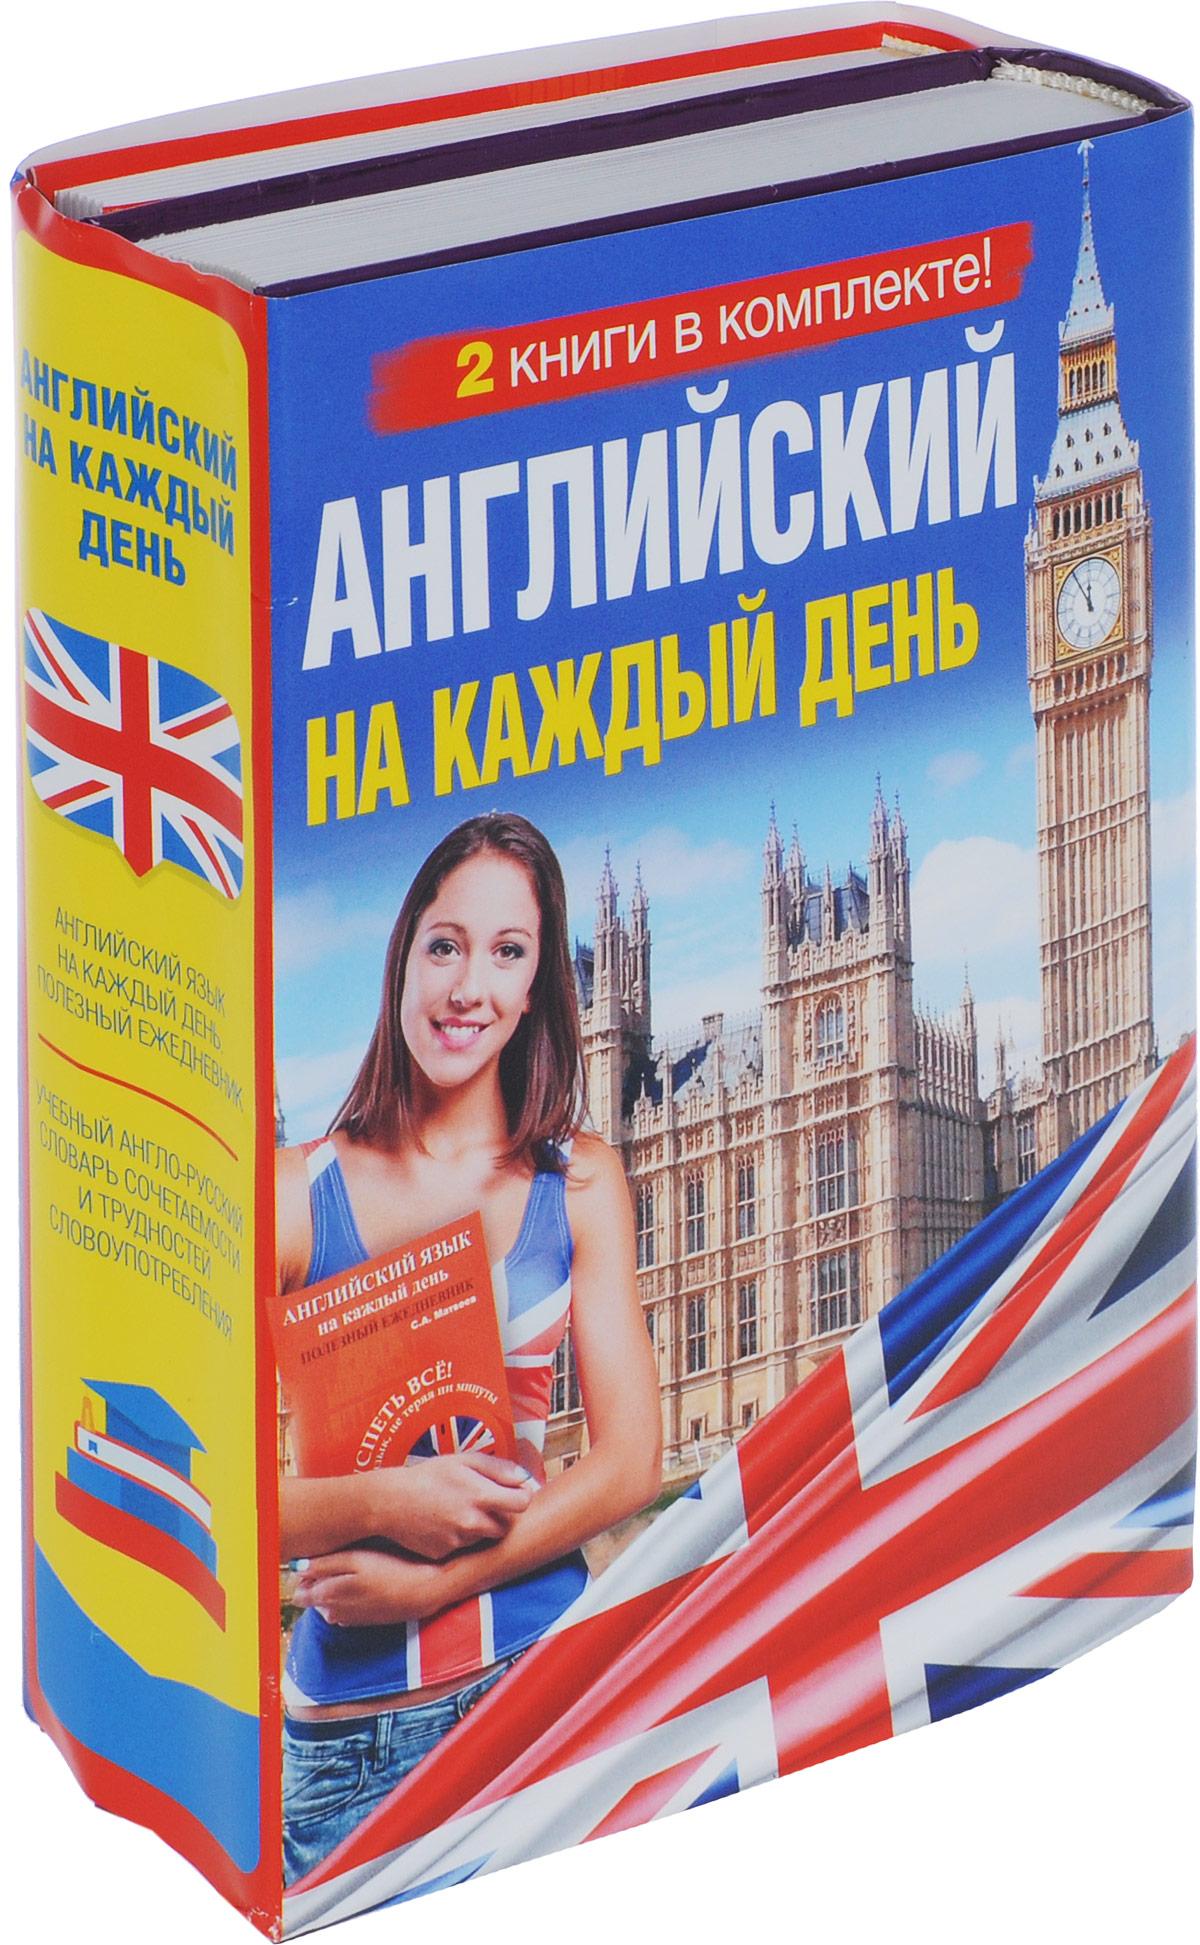 С. А. Матвеев, С. С. Хидекель, М. Р. Кауль, Е. Л. Гинзбург Английский на каждый день (комплект из 2 книг) английский на каждый день